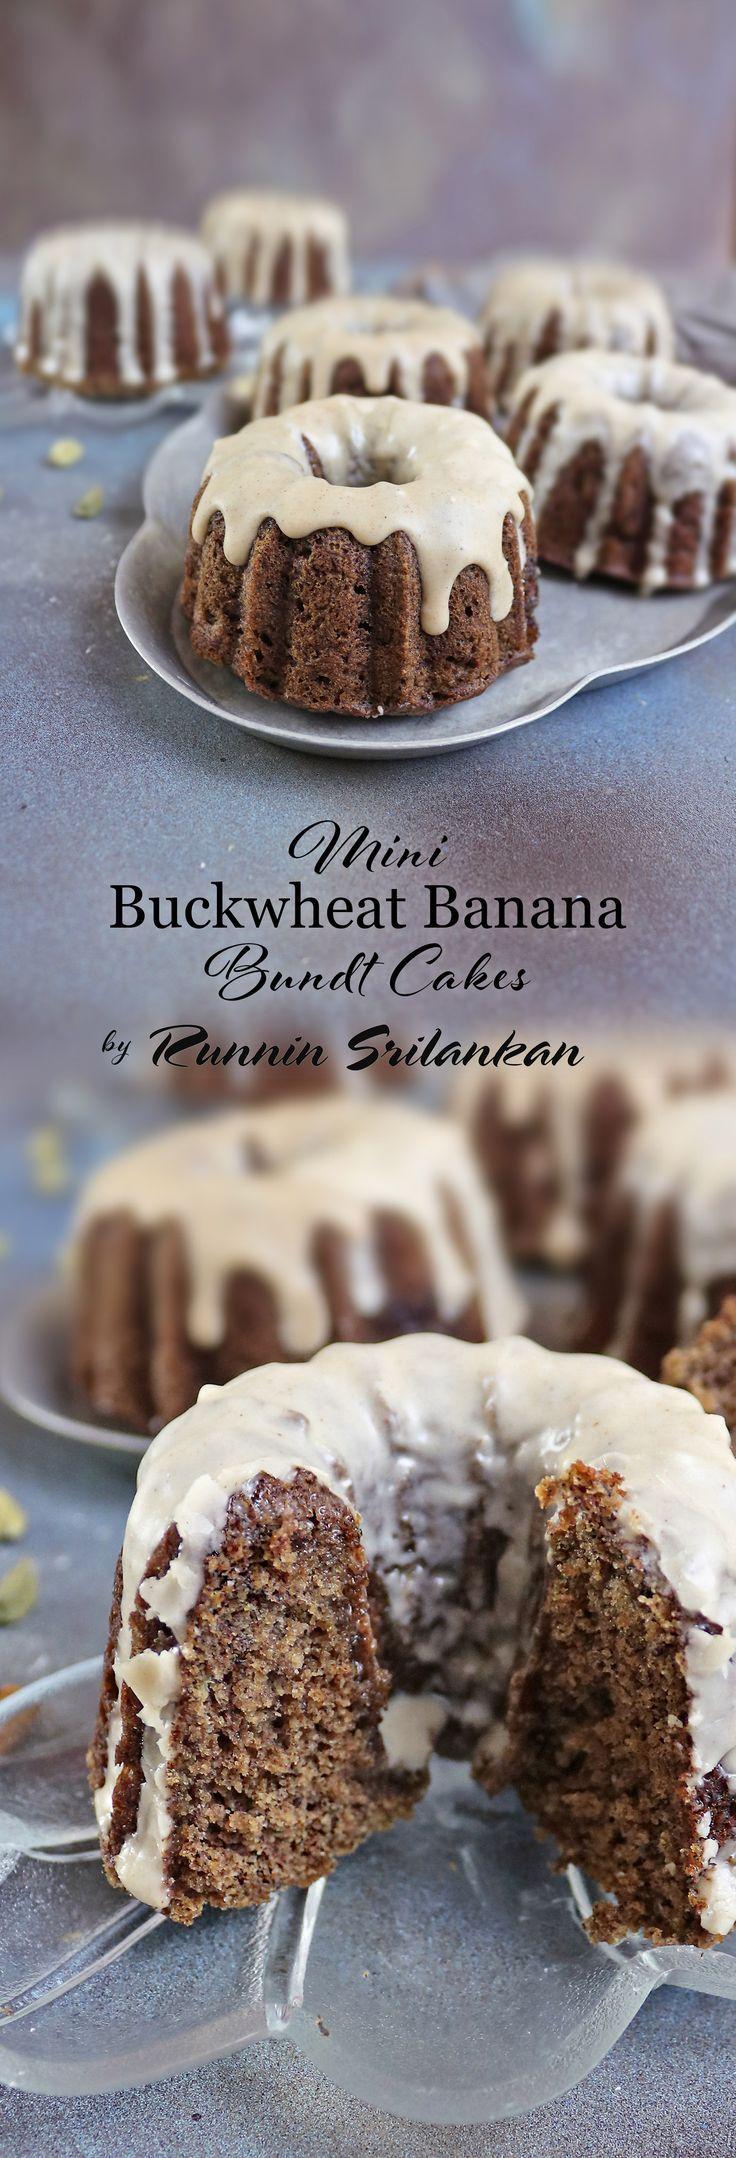 Buckwheat banana mini bundt cakes gluten free mini